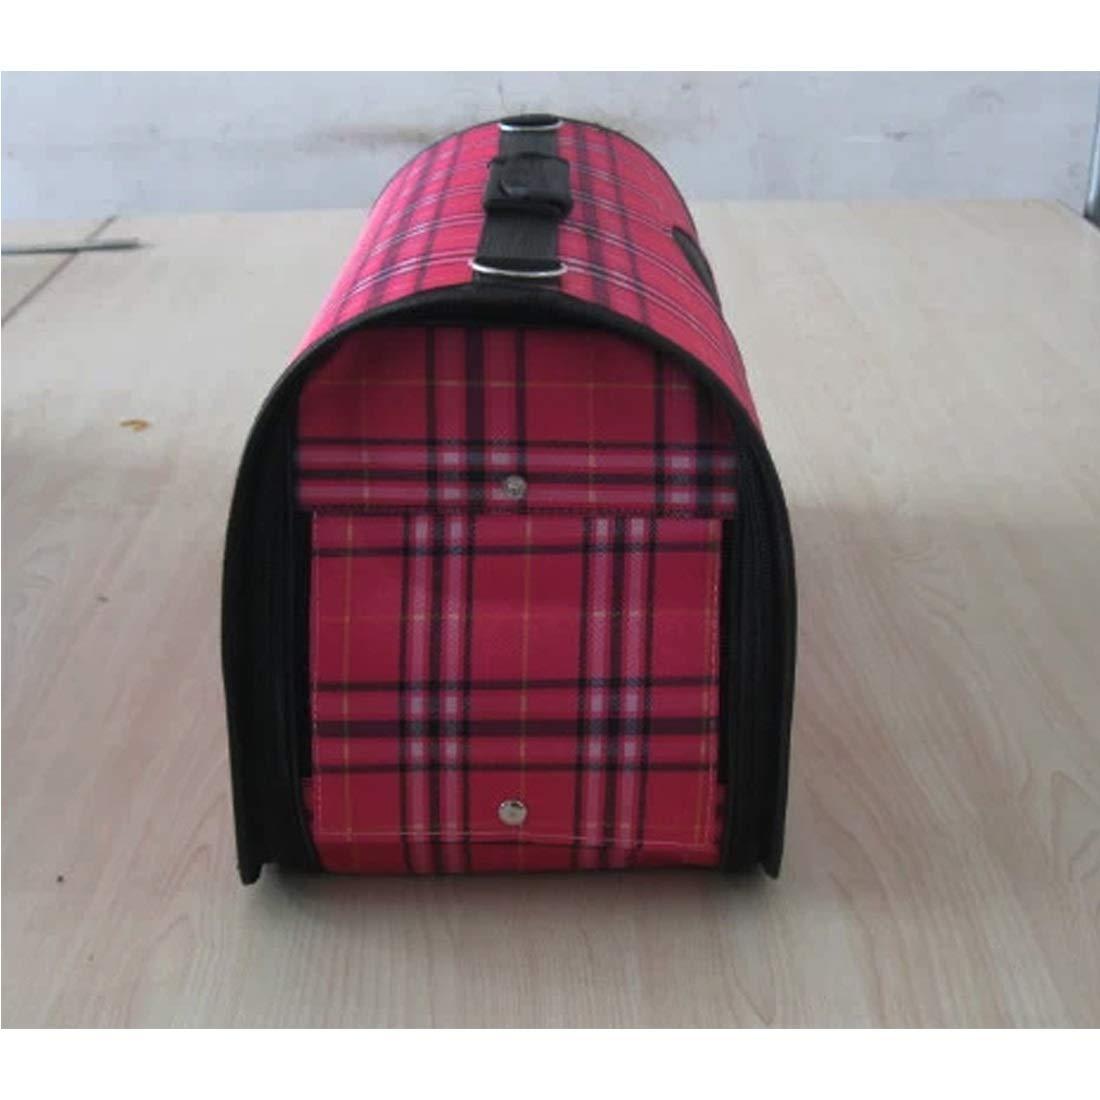 Red S Red S HUAyue Stripy Pet Bag Dog Cat Bag Varicoloured Shoulder Messenger Bag Carrying Case Pet Supplies (color   Red, Size   S)